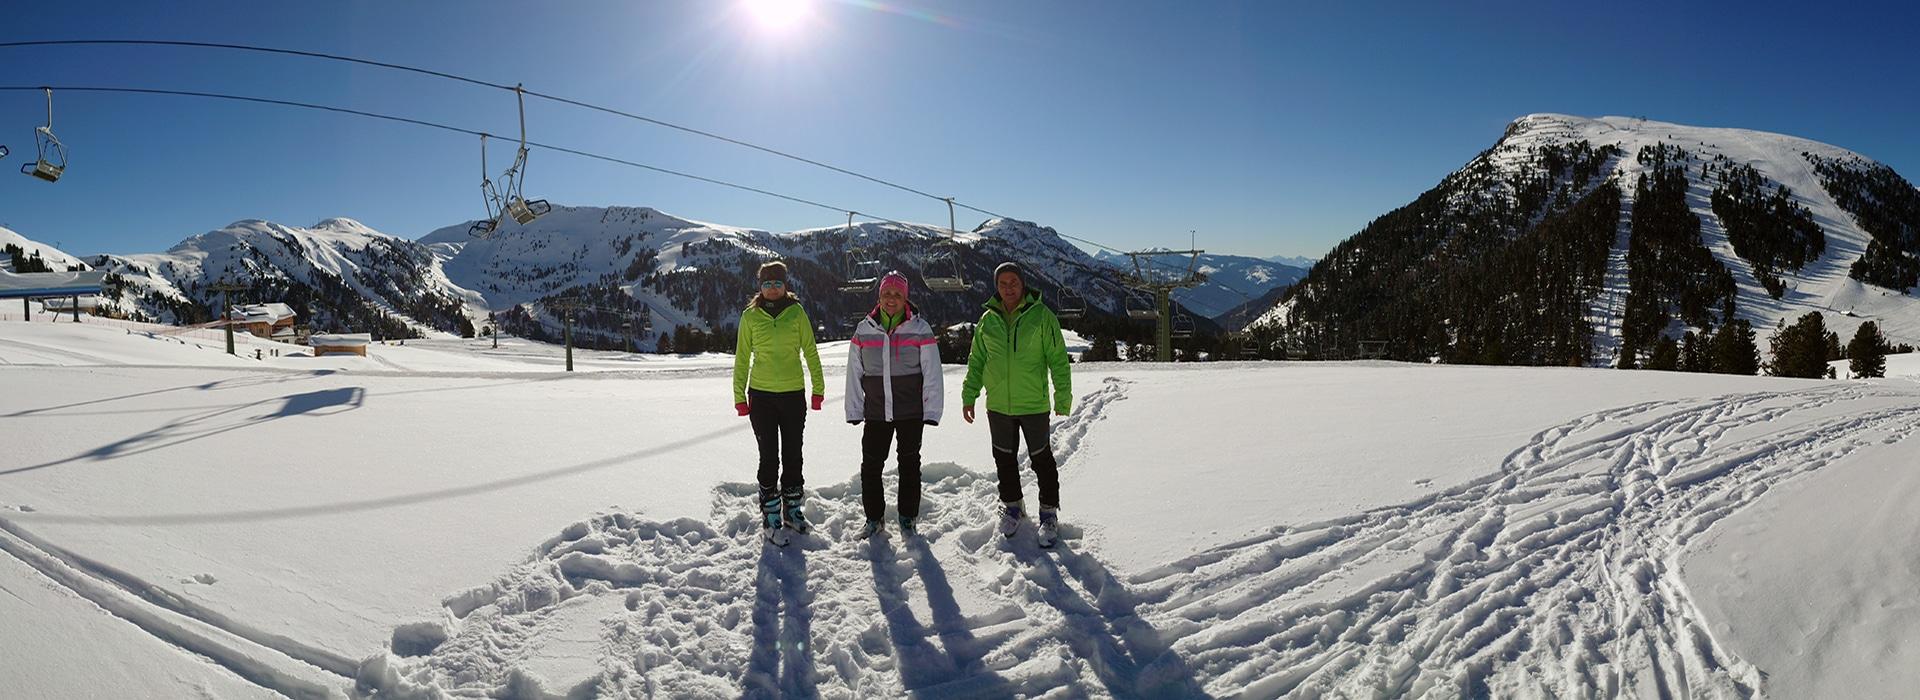 Obereggen – Ganischgeralm – Almen in Südtirol – Winterwandern Eisacktal - I mog südtirol – Wandern in Südtirol -Skiegebiet Obereggen